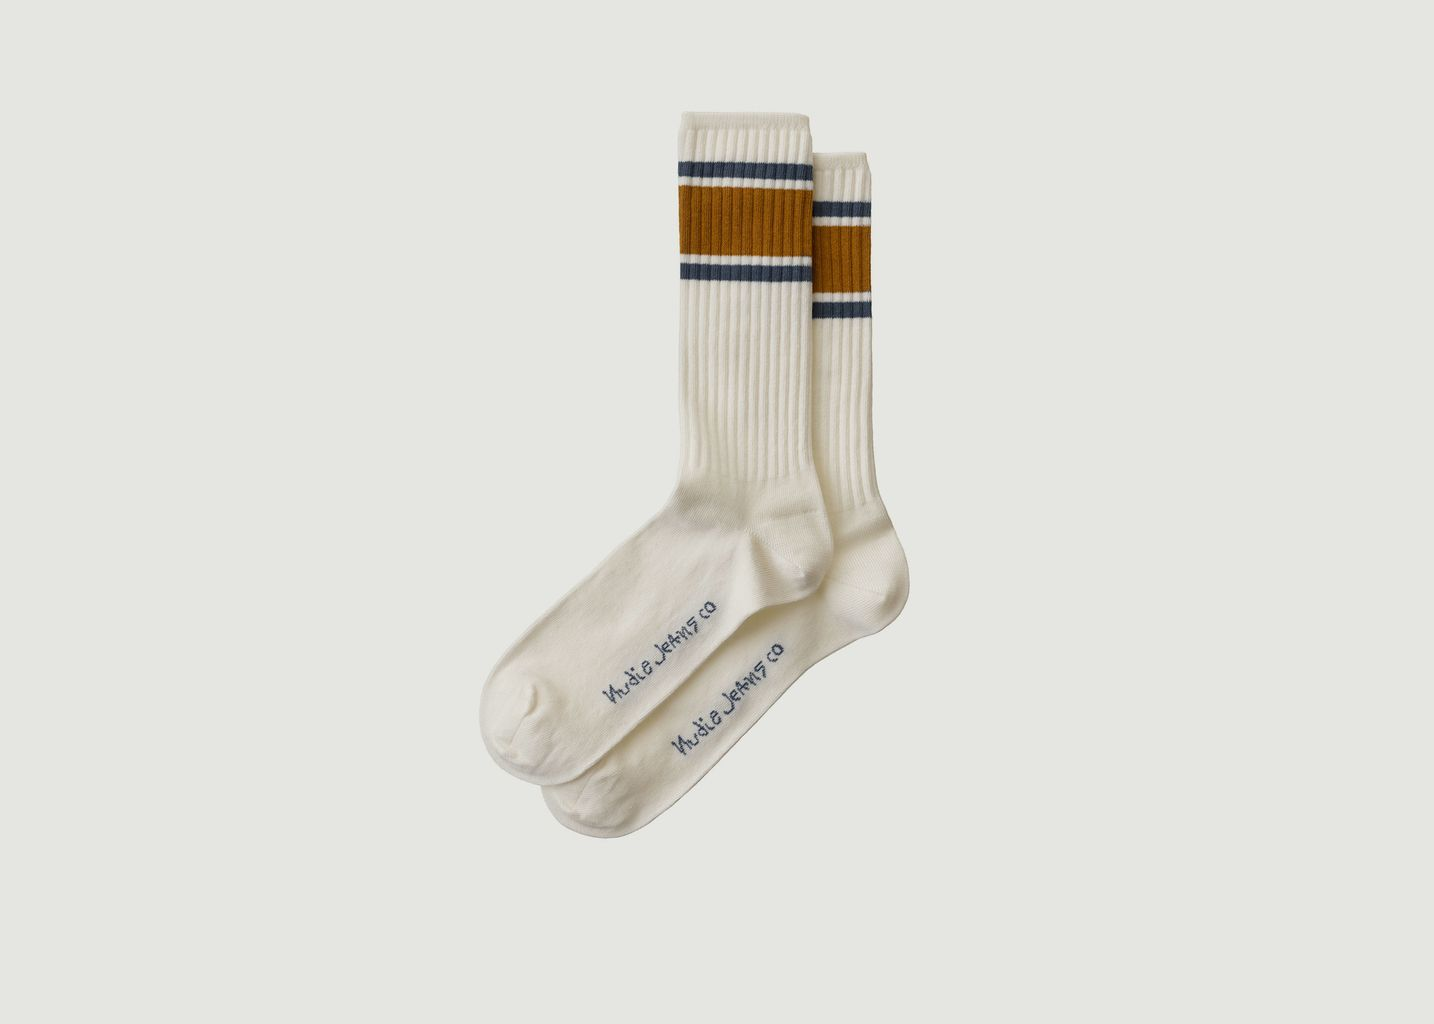 Chaussettes rayées Amundsson Sport - Nudie Jeans